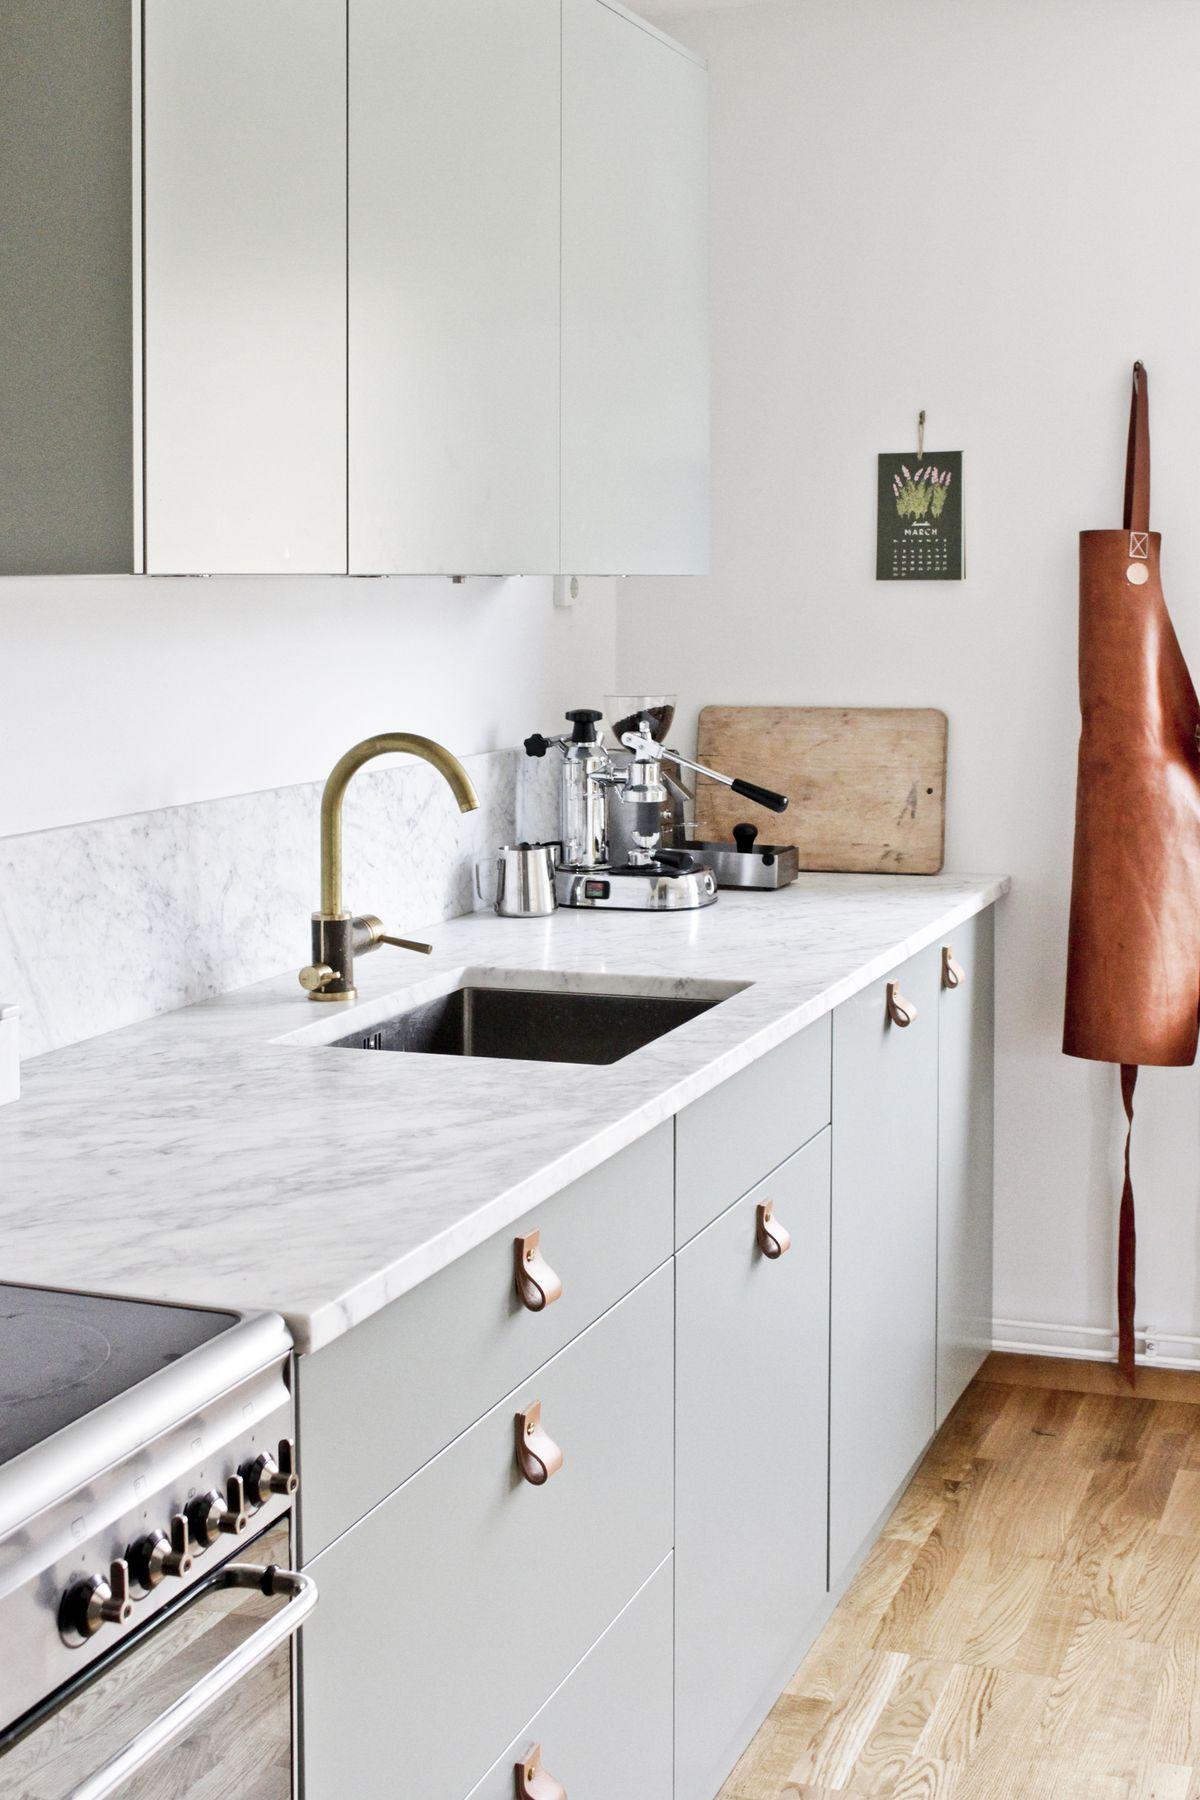 Spatwand hoogte kitchen s pinterest kitchen kitchen design